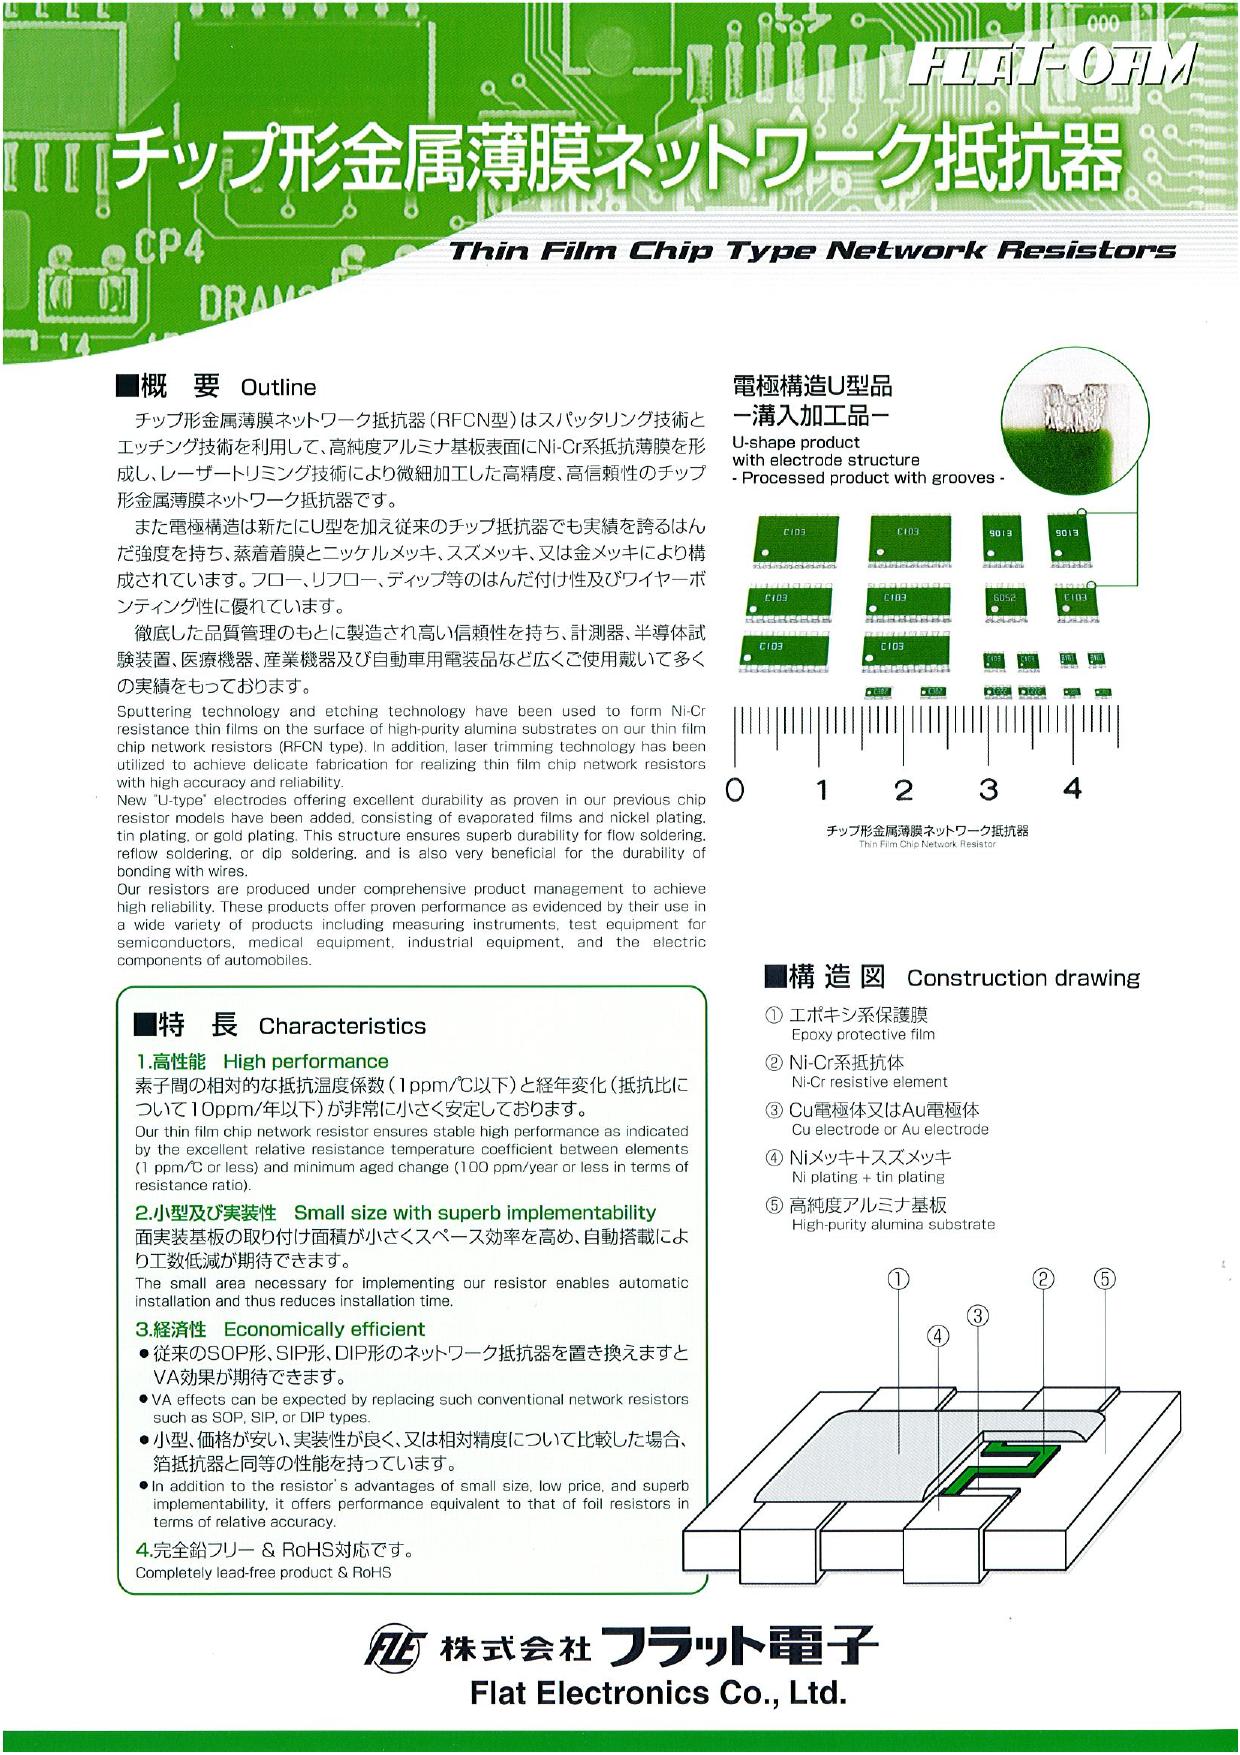 チップ形金属薄膜ネットワーク抵抗器